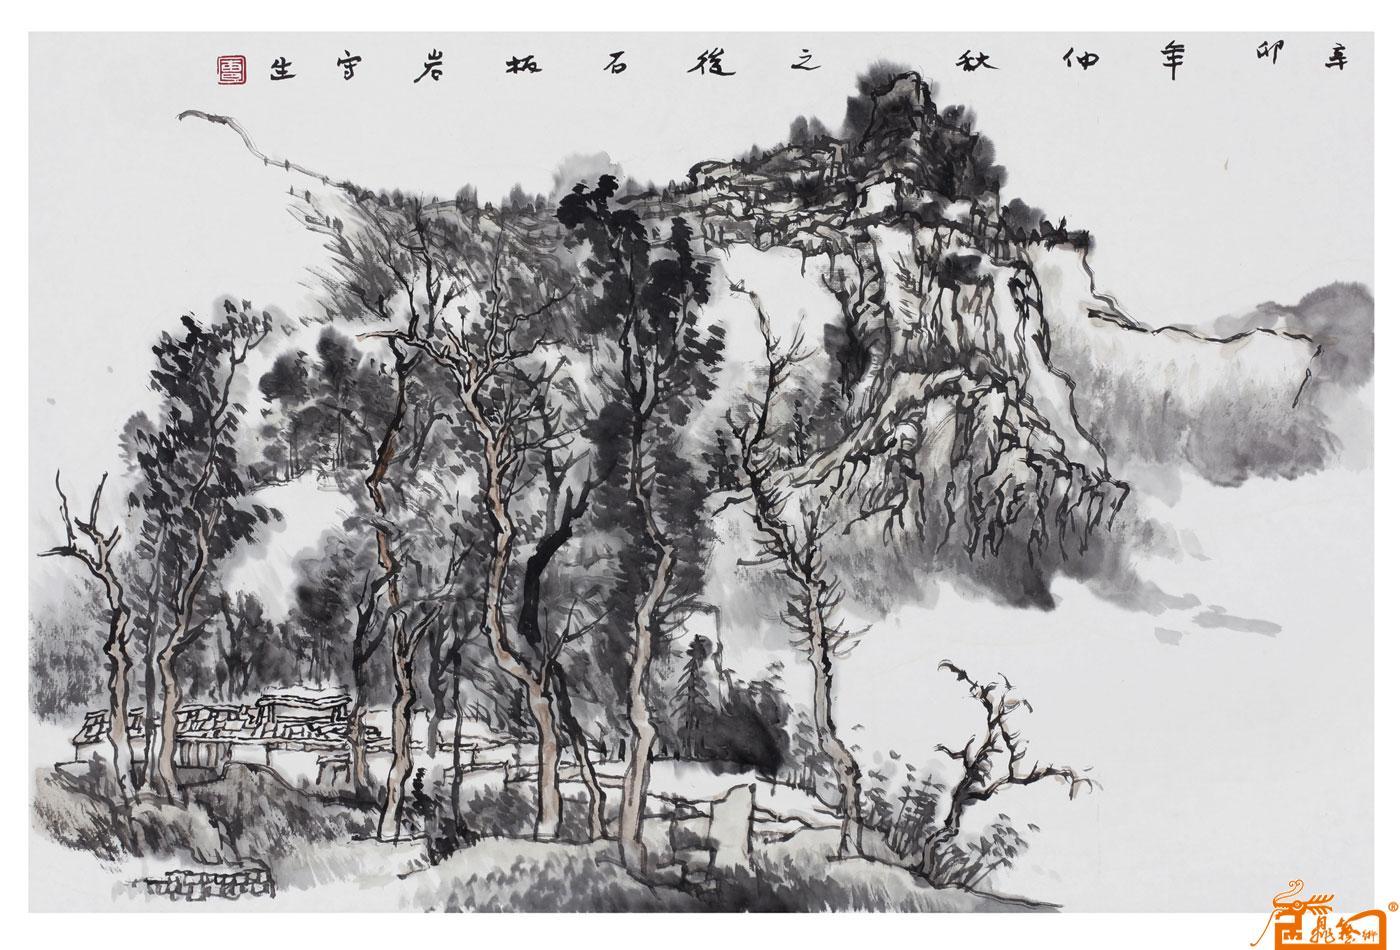 山水名家 曹福强 - 太行写生之六